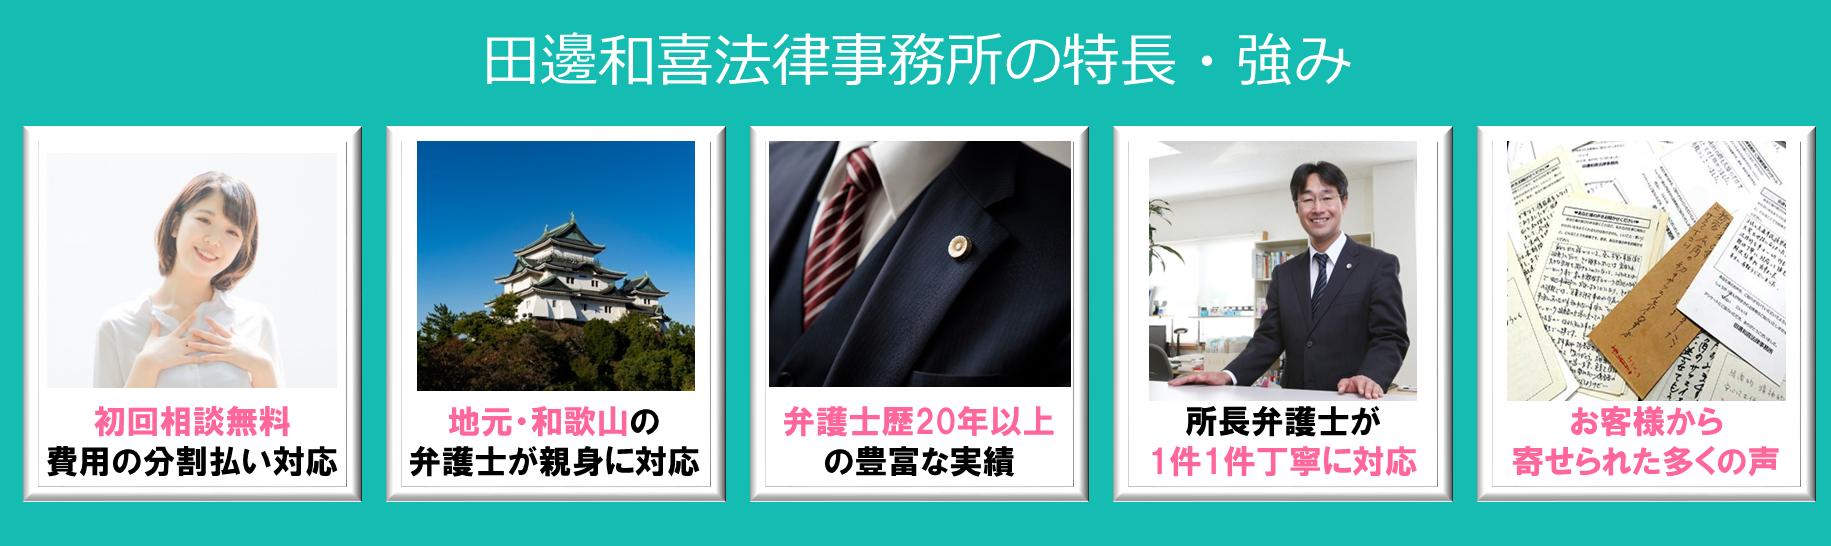 田邊和喜法律事務所の5つの強み